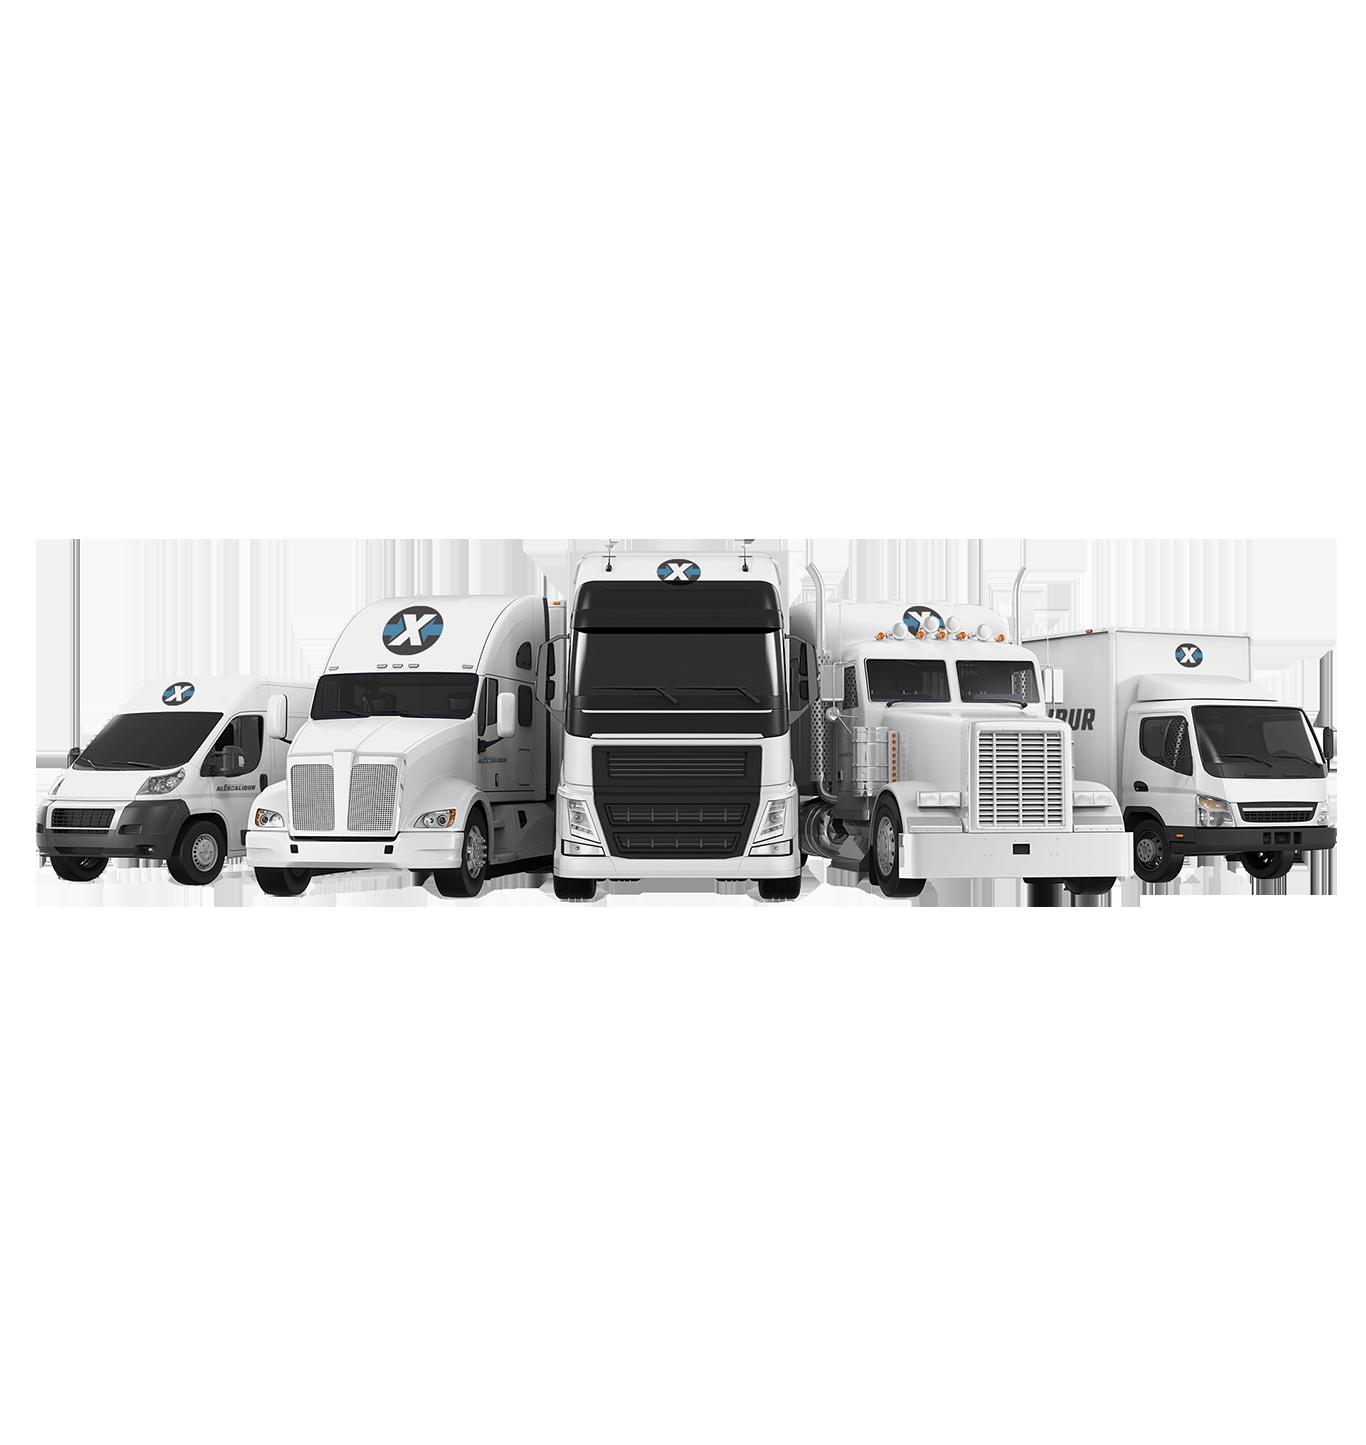 Flotte Alexcalibur